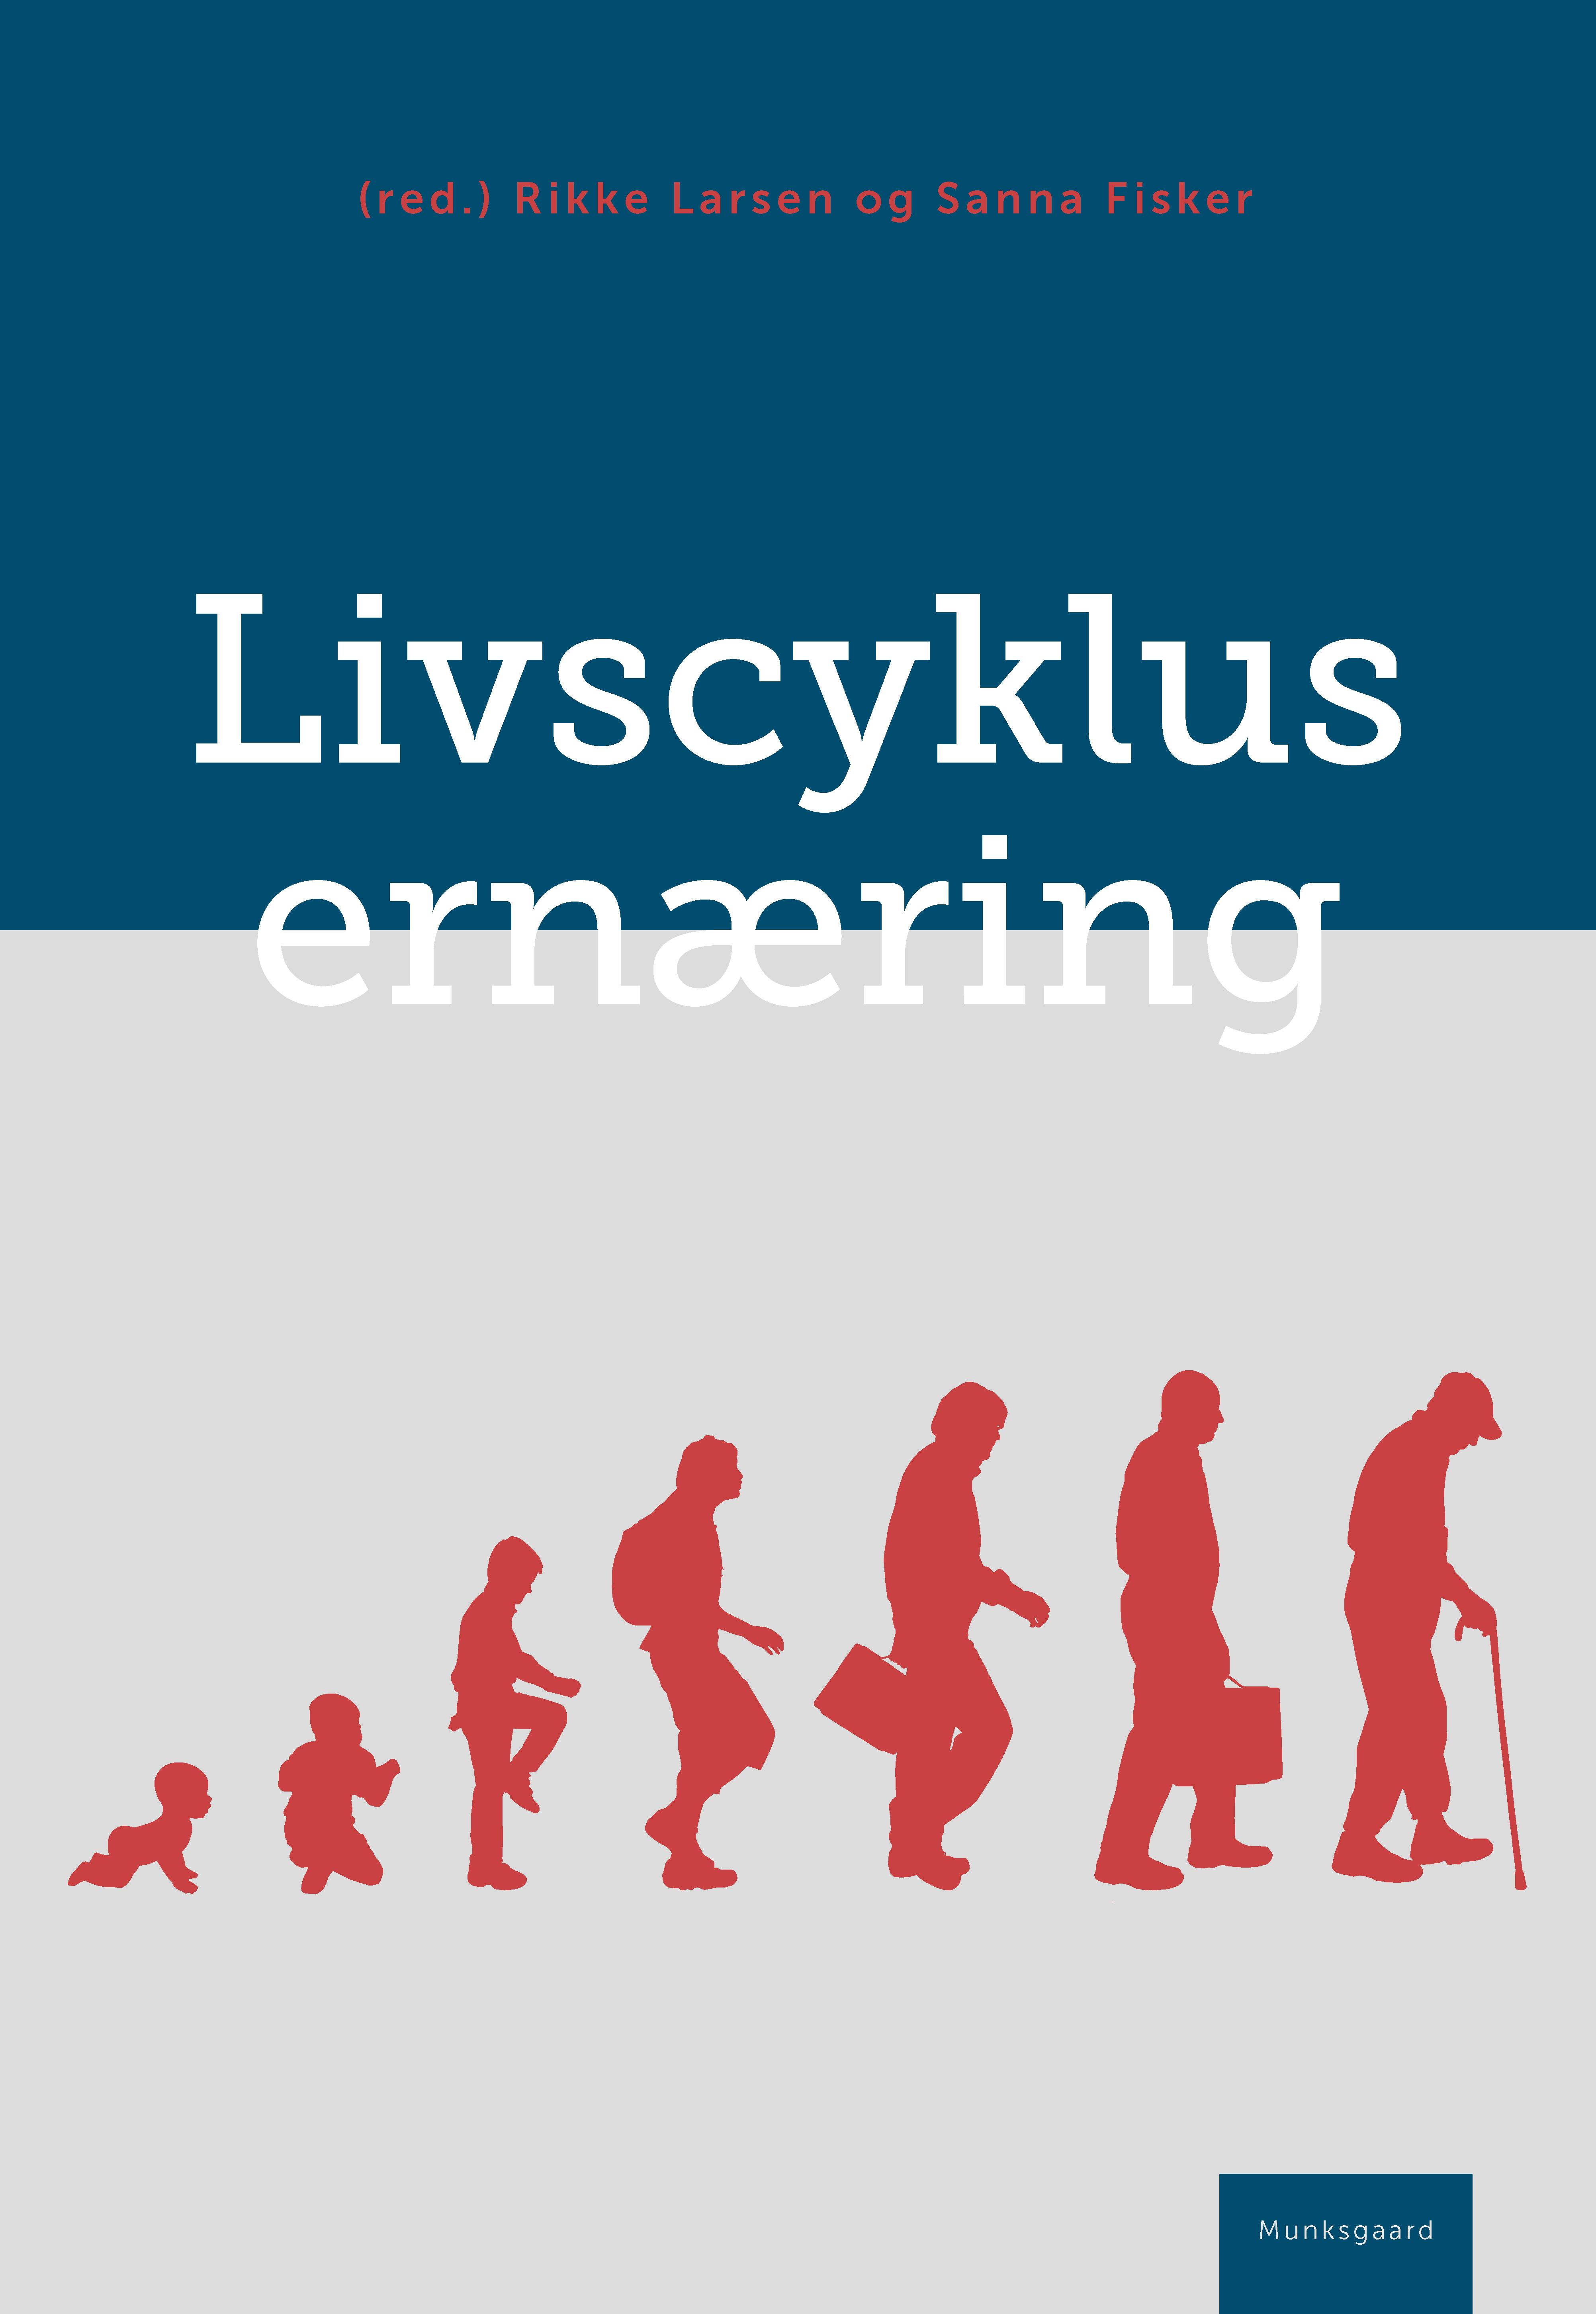 Livscyklusernæring